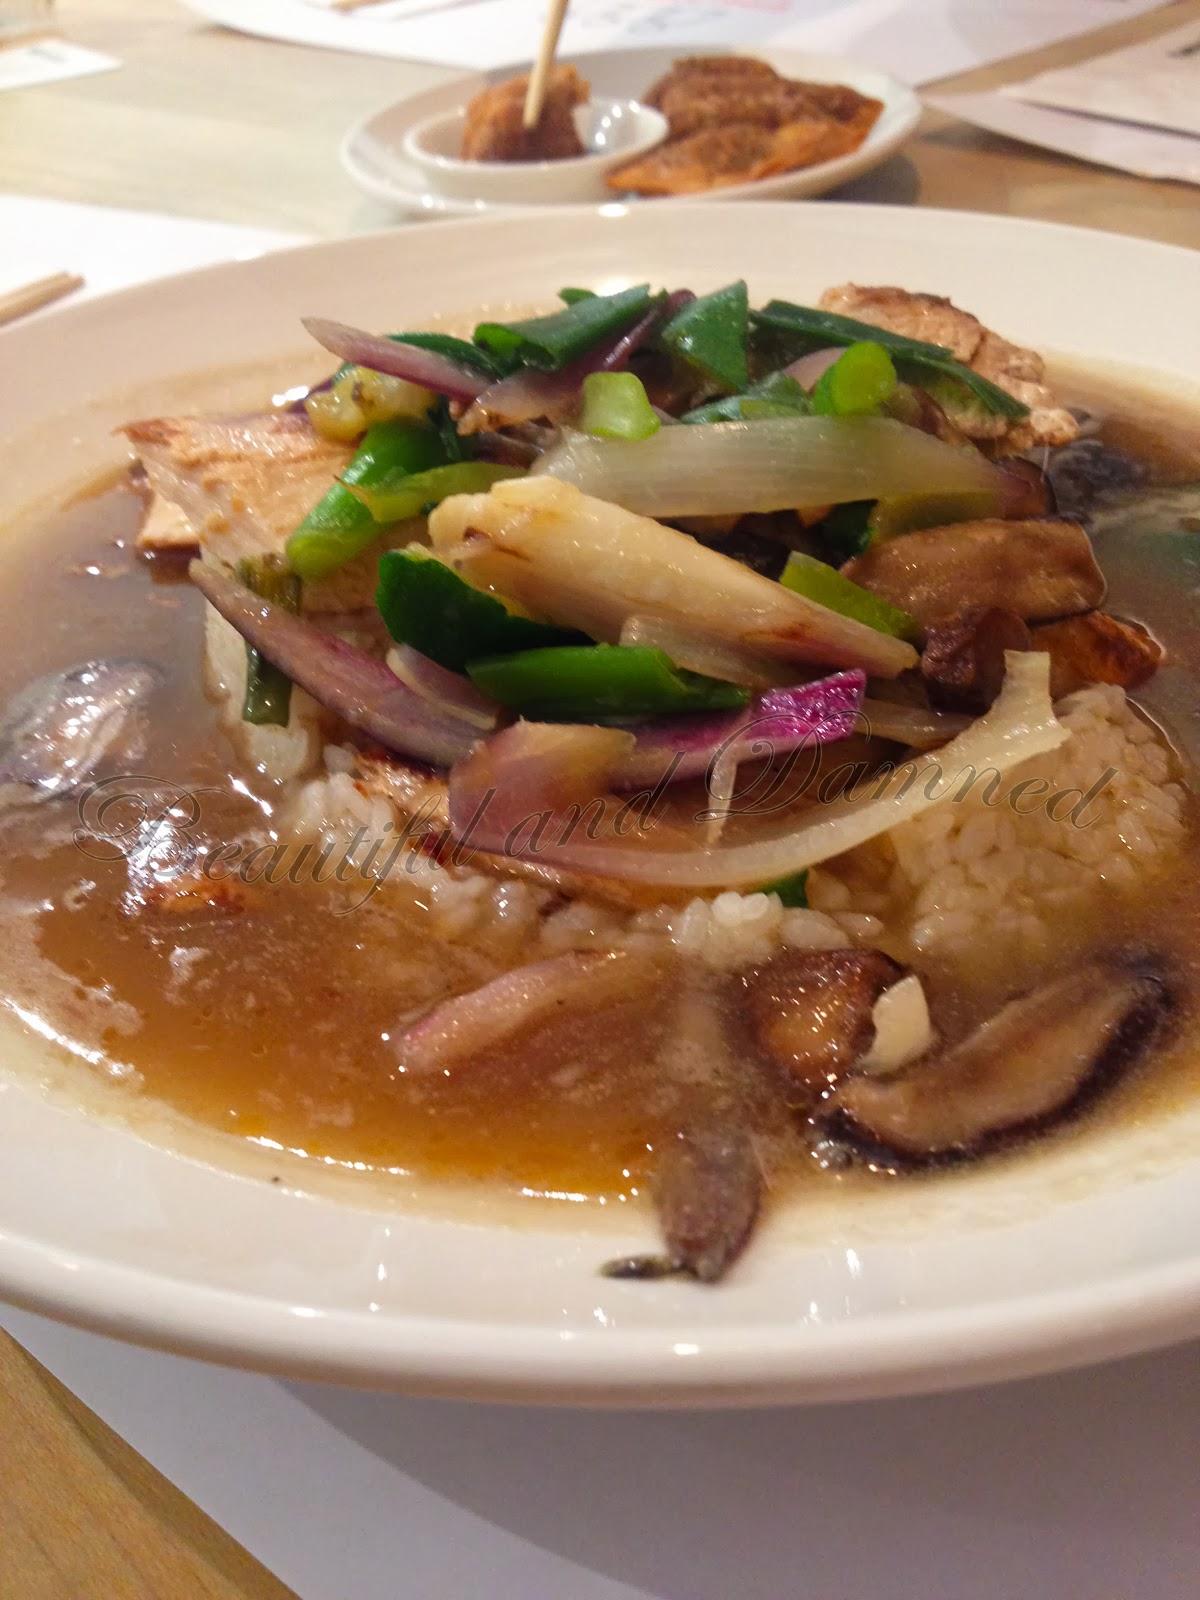 Arroz caldoso con pollo a la brasa y verduras